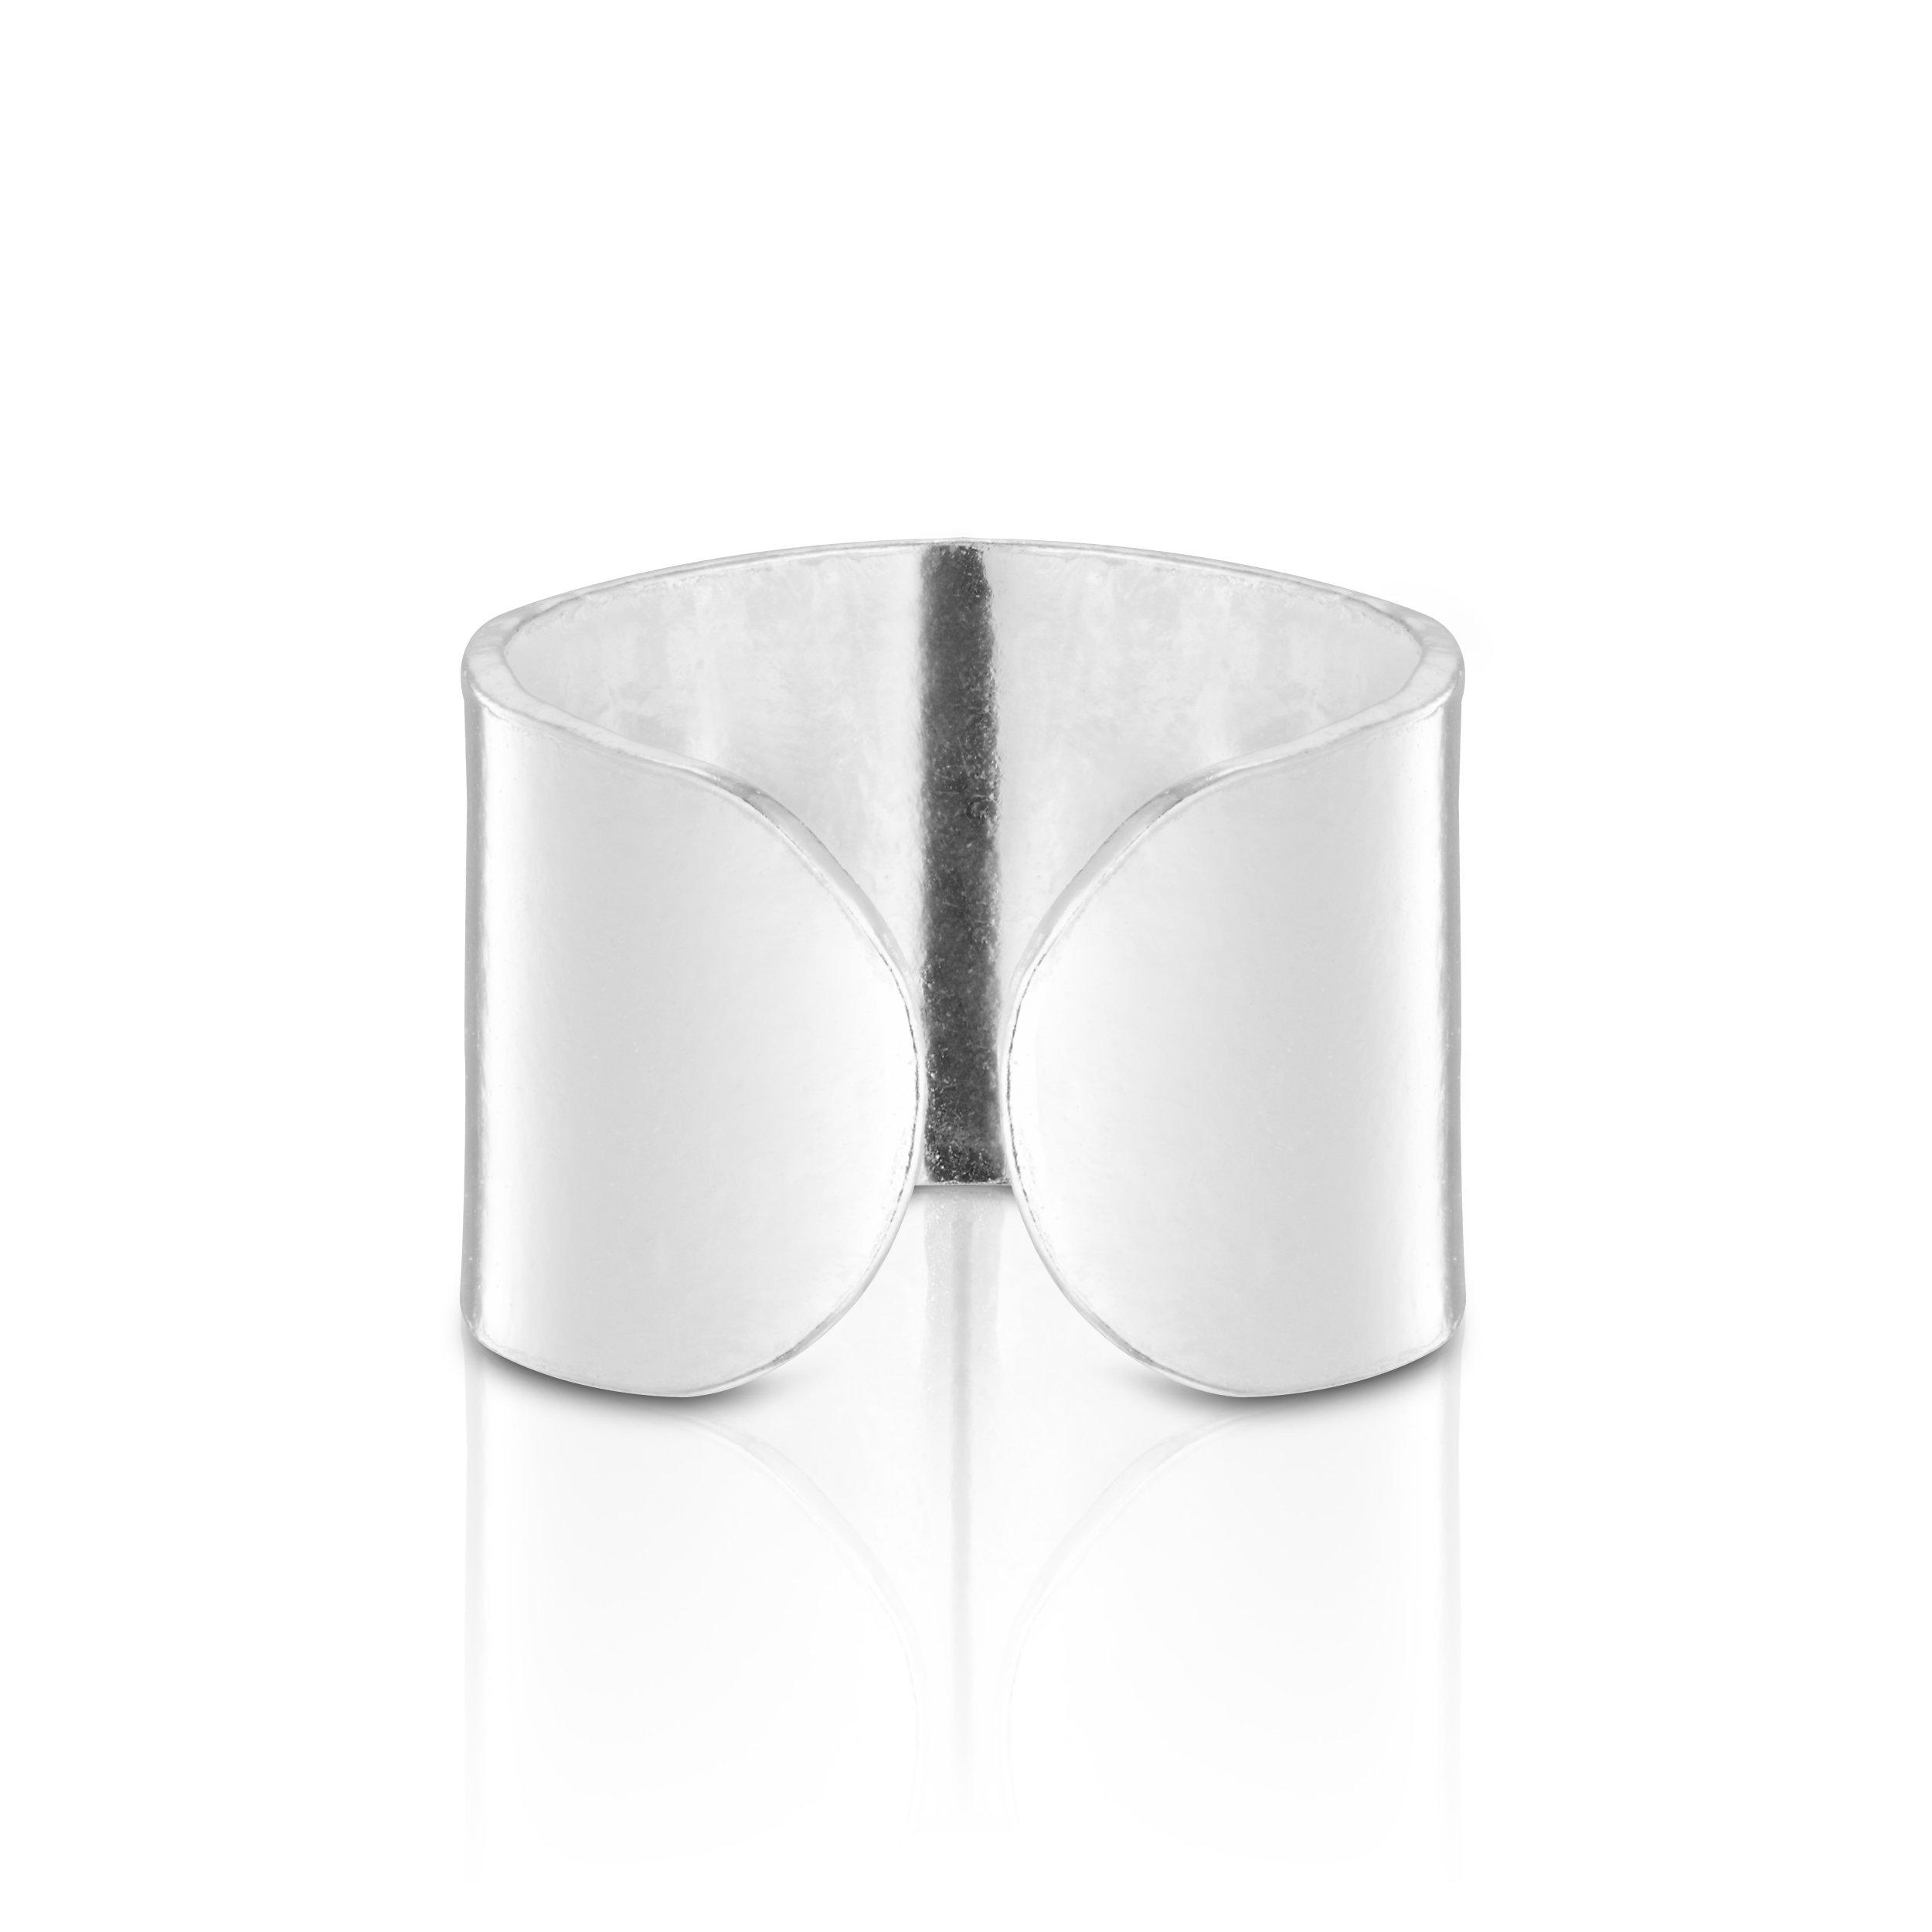 925 Sterling Silver Wide Round Silver Top Ear Cuff Ear For 1 Ear Earring by BELLETTOJEWELRY (Image #3)